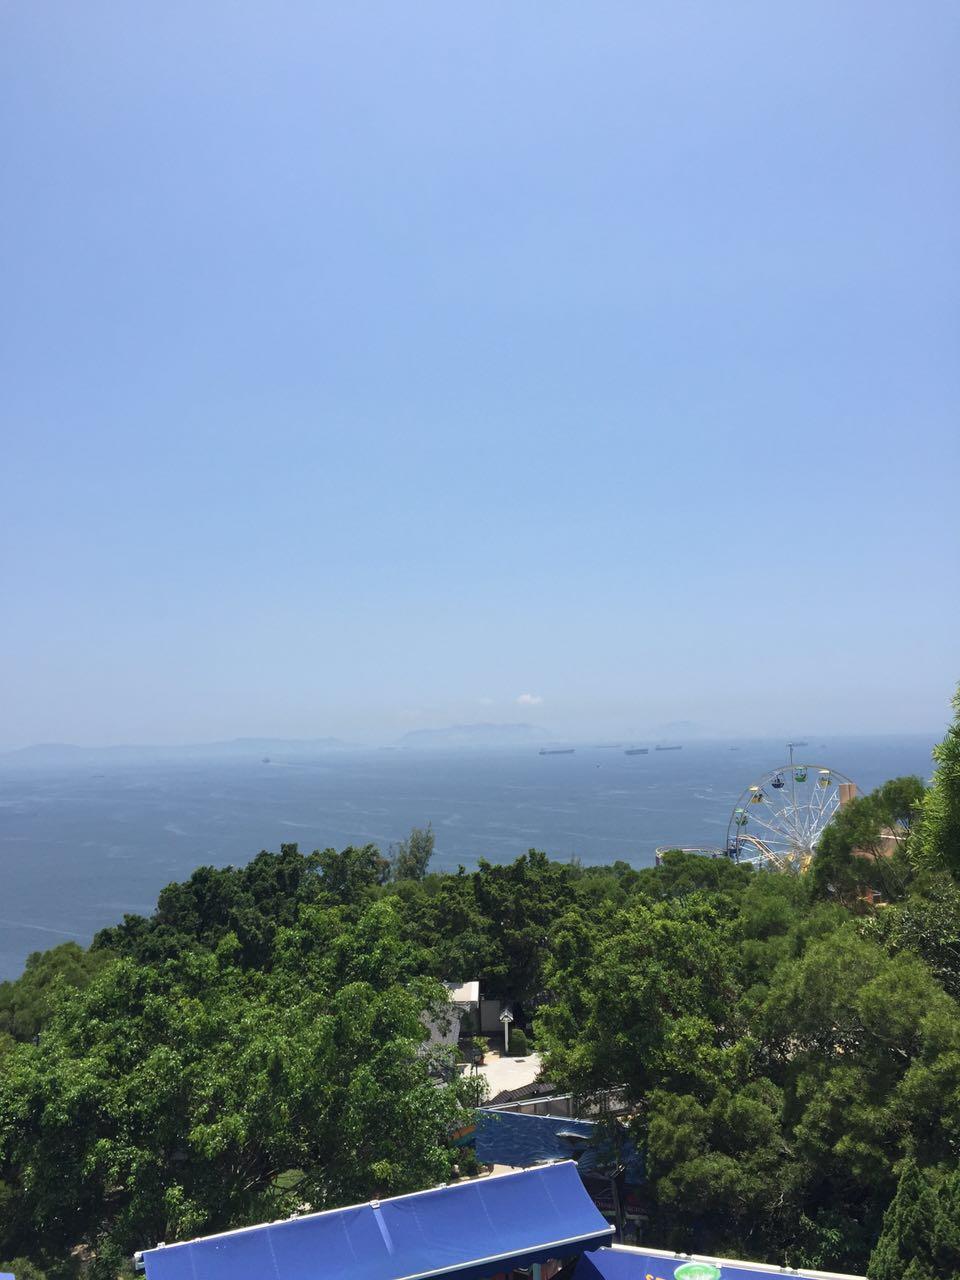 2019香港猎人攻略游玩公园,香港海洋公园是一wii攻略海洋怪物3图片